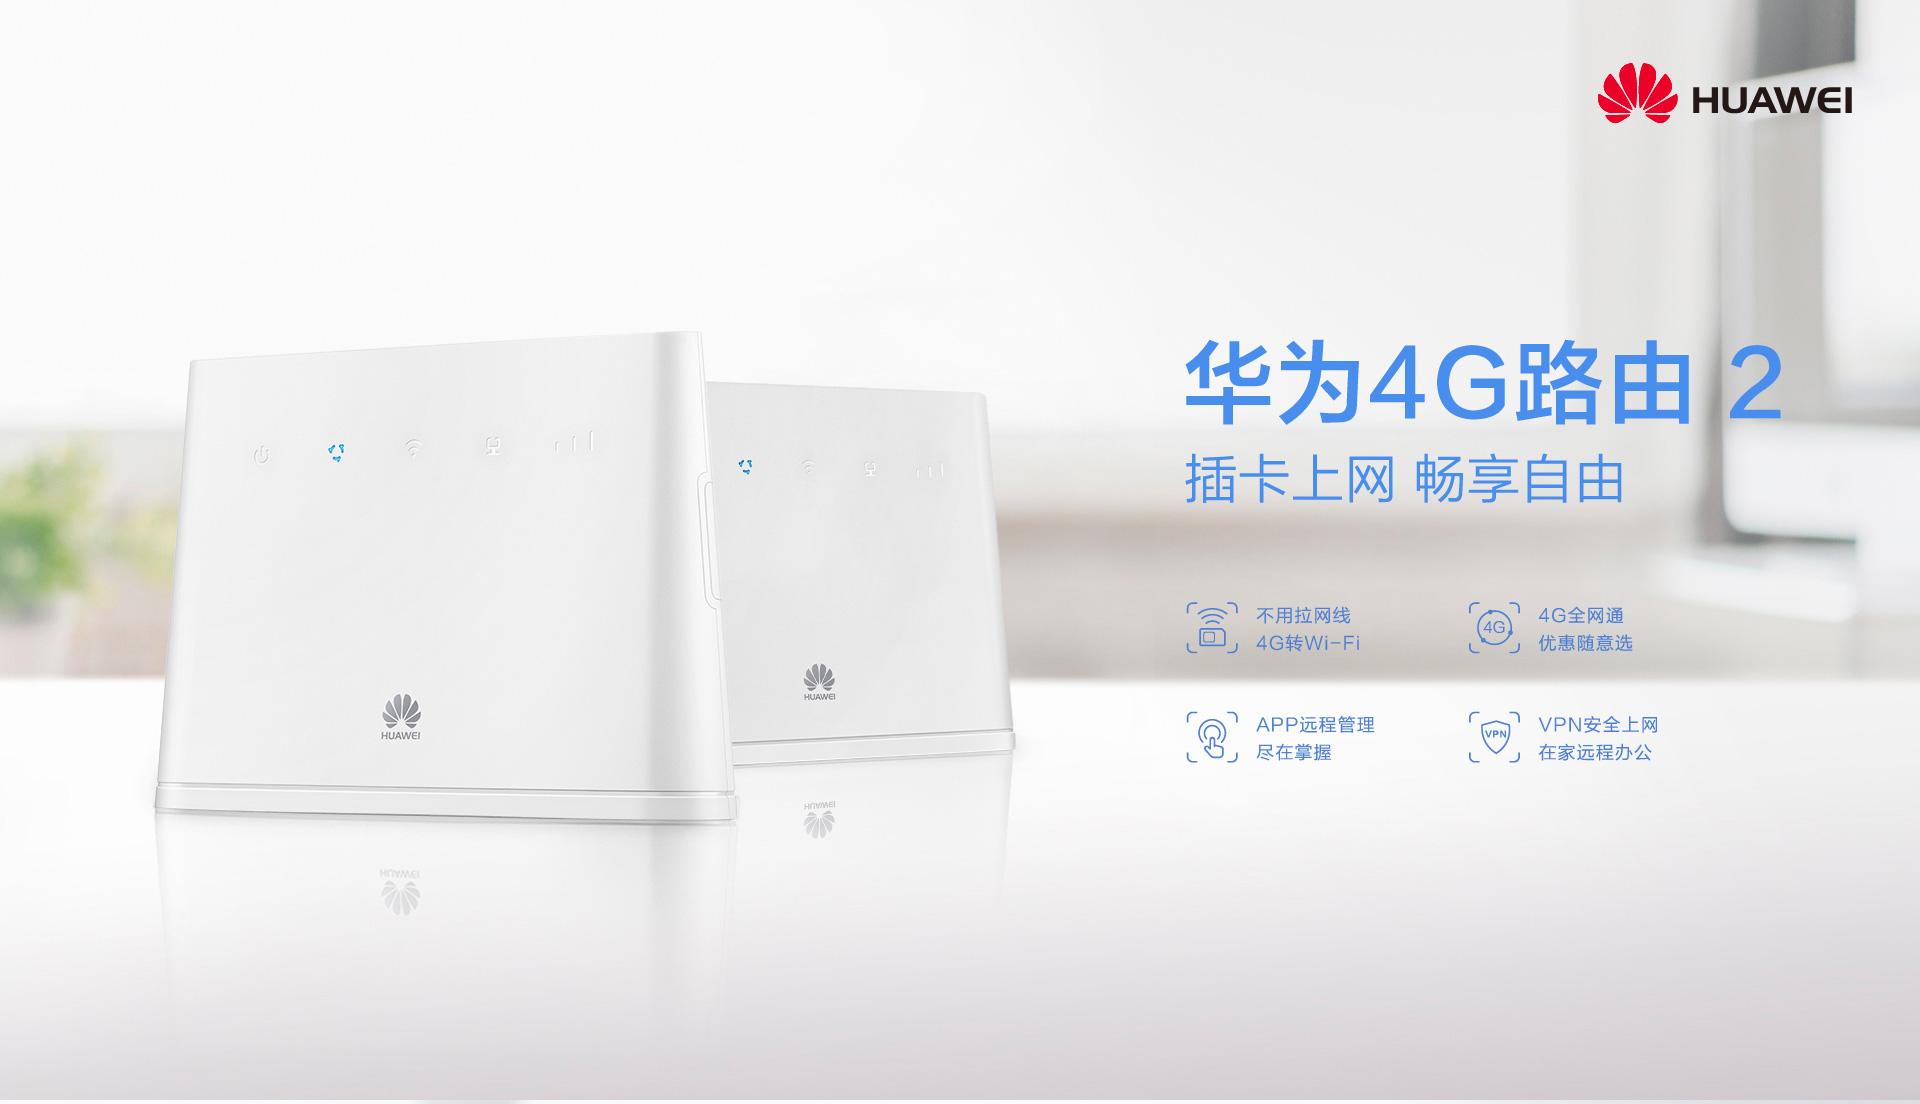 【新品首发预售】华为4G路由2